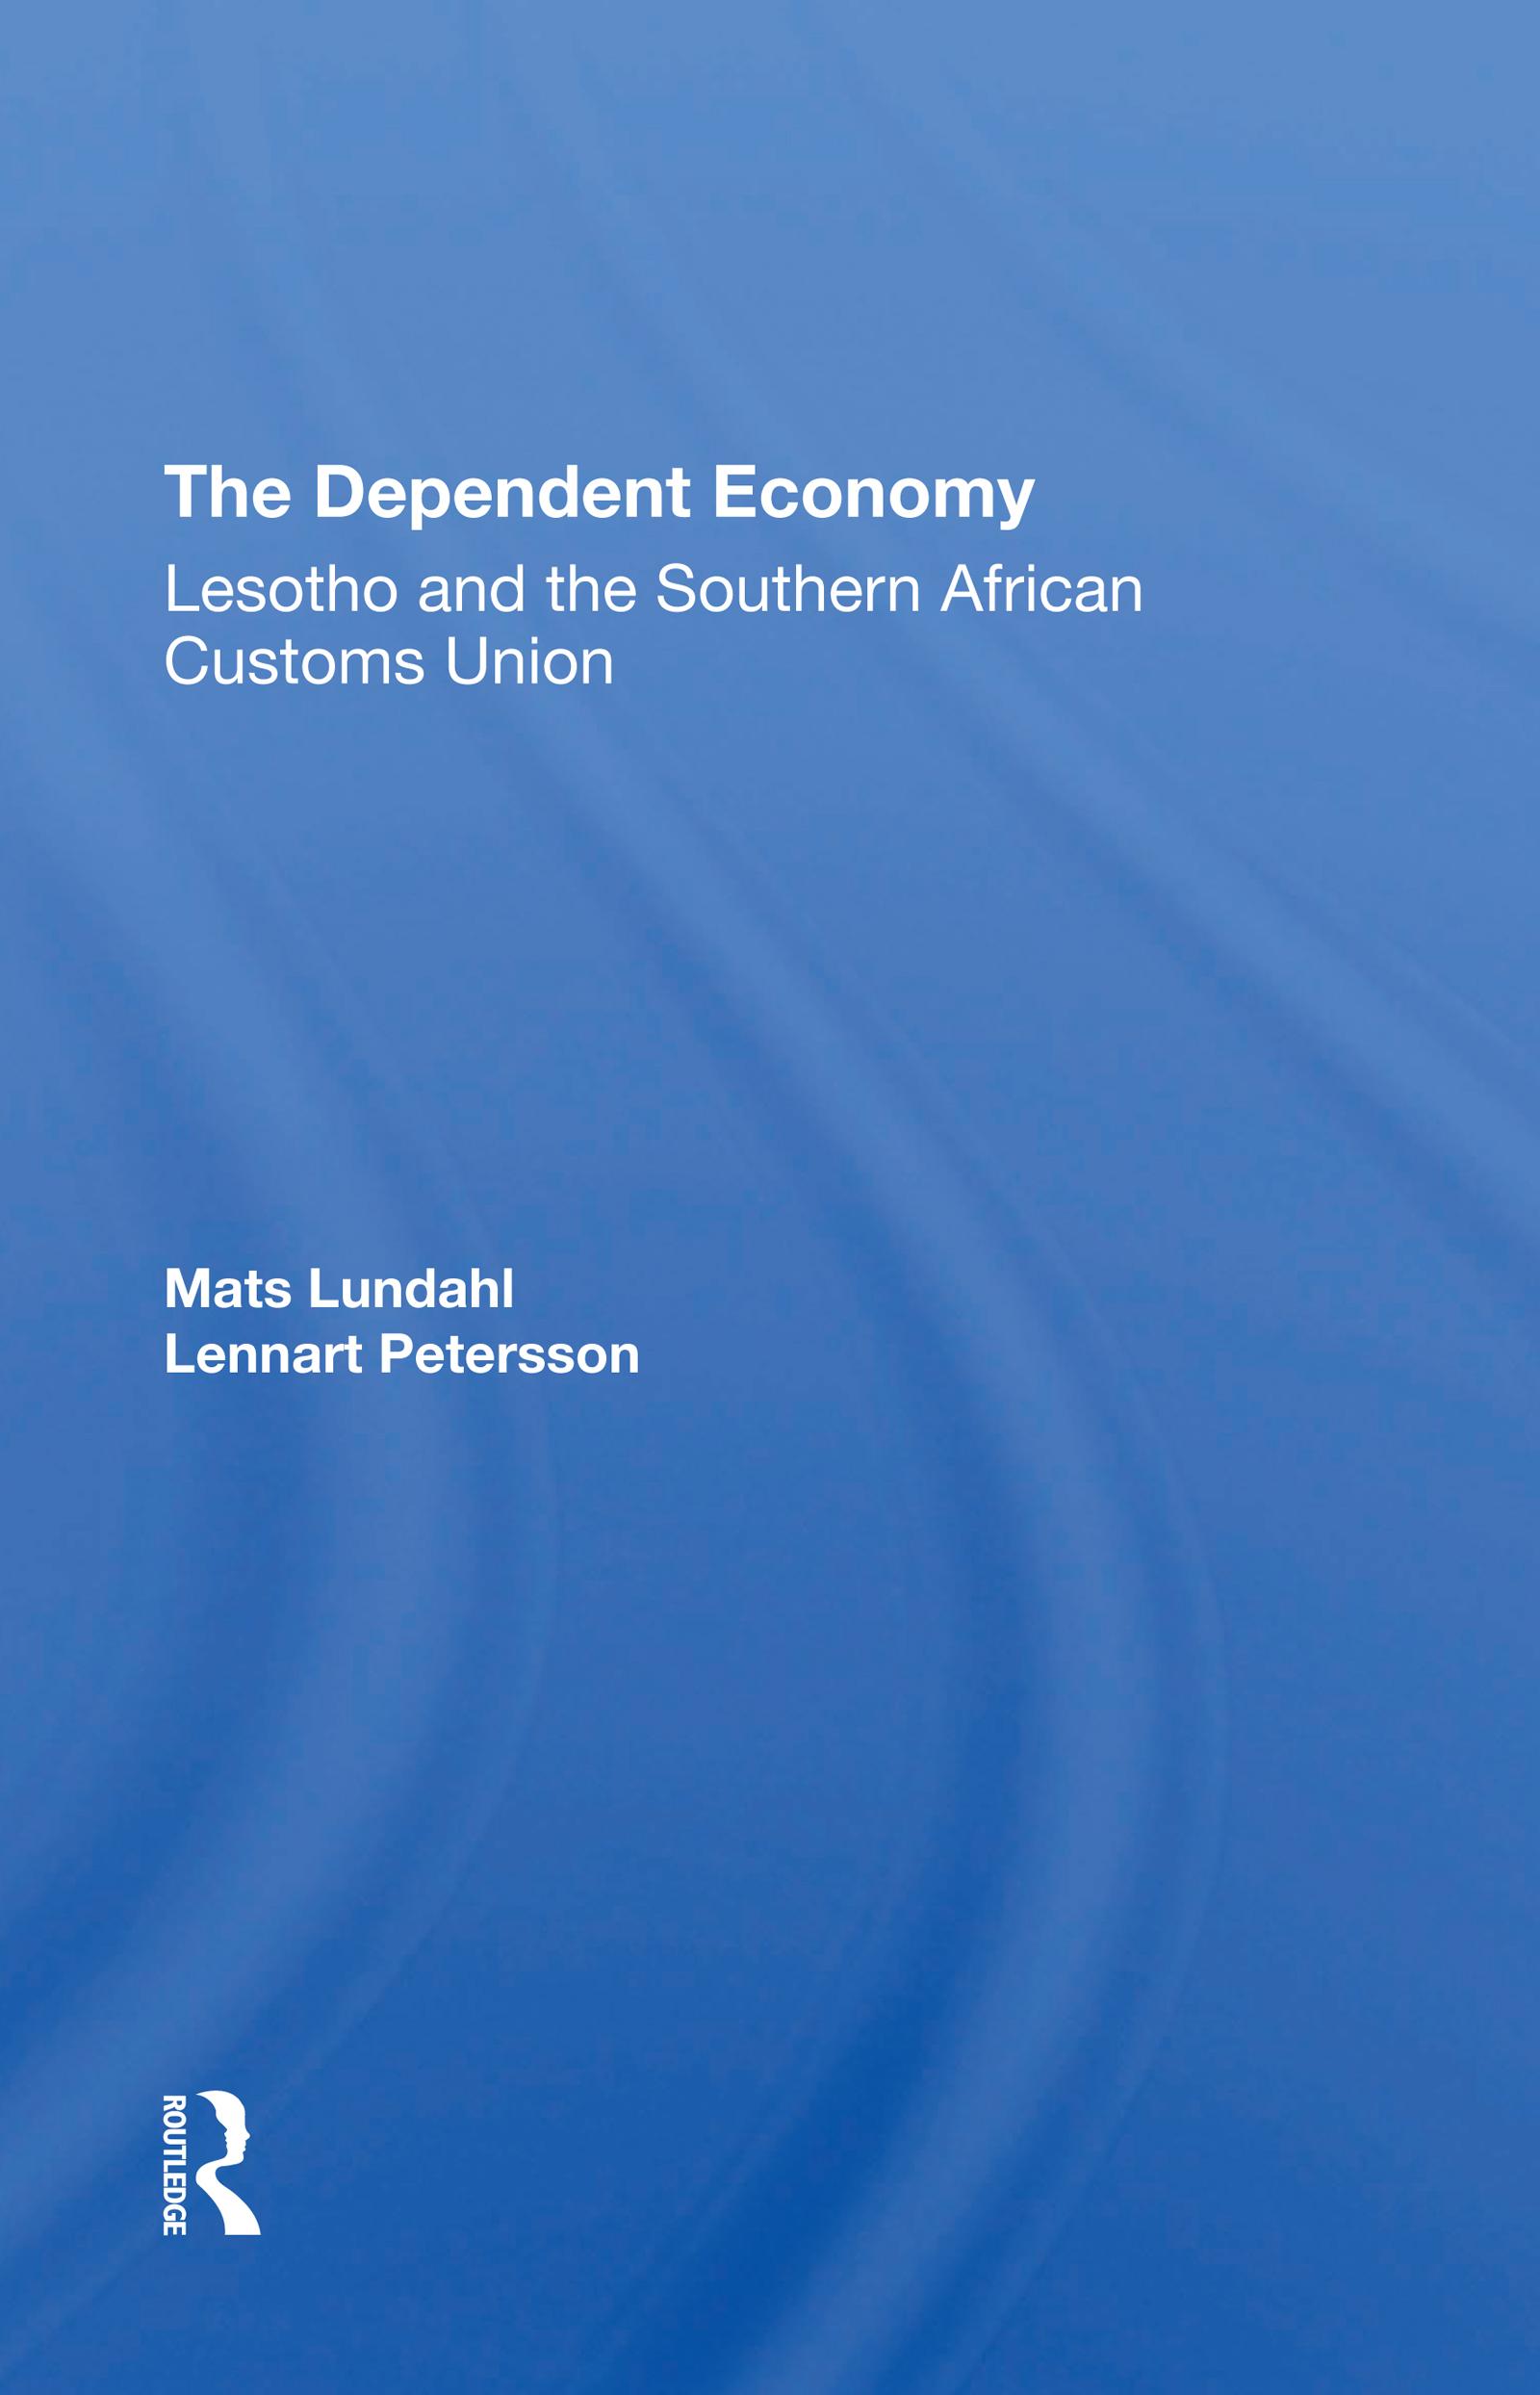 The Dependent Economy